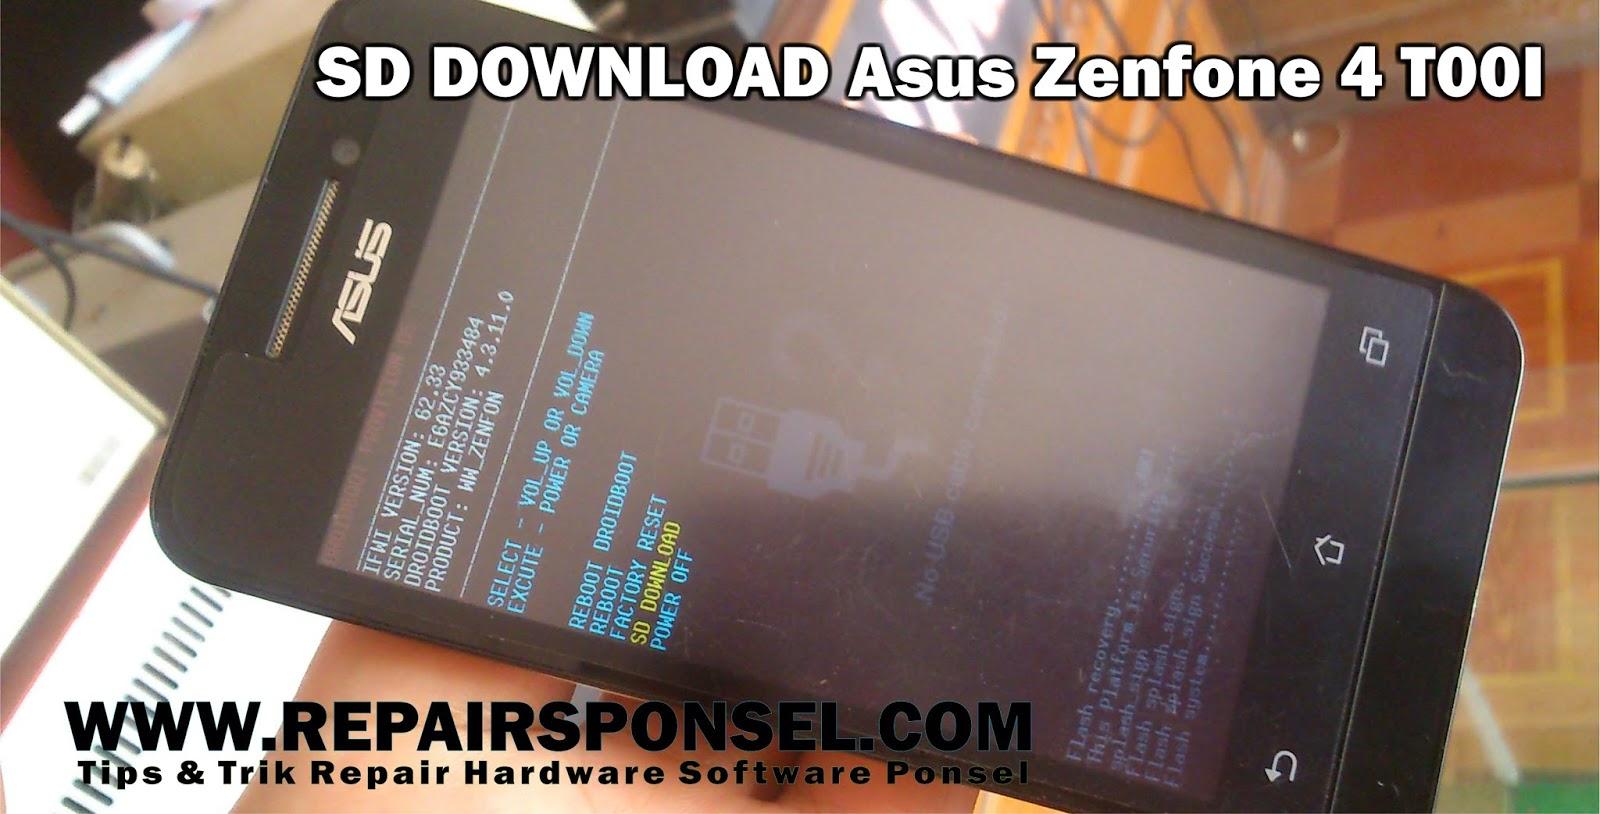 Download Firmware Asus Zenfone 4 T00I - Repairs Ponsel